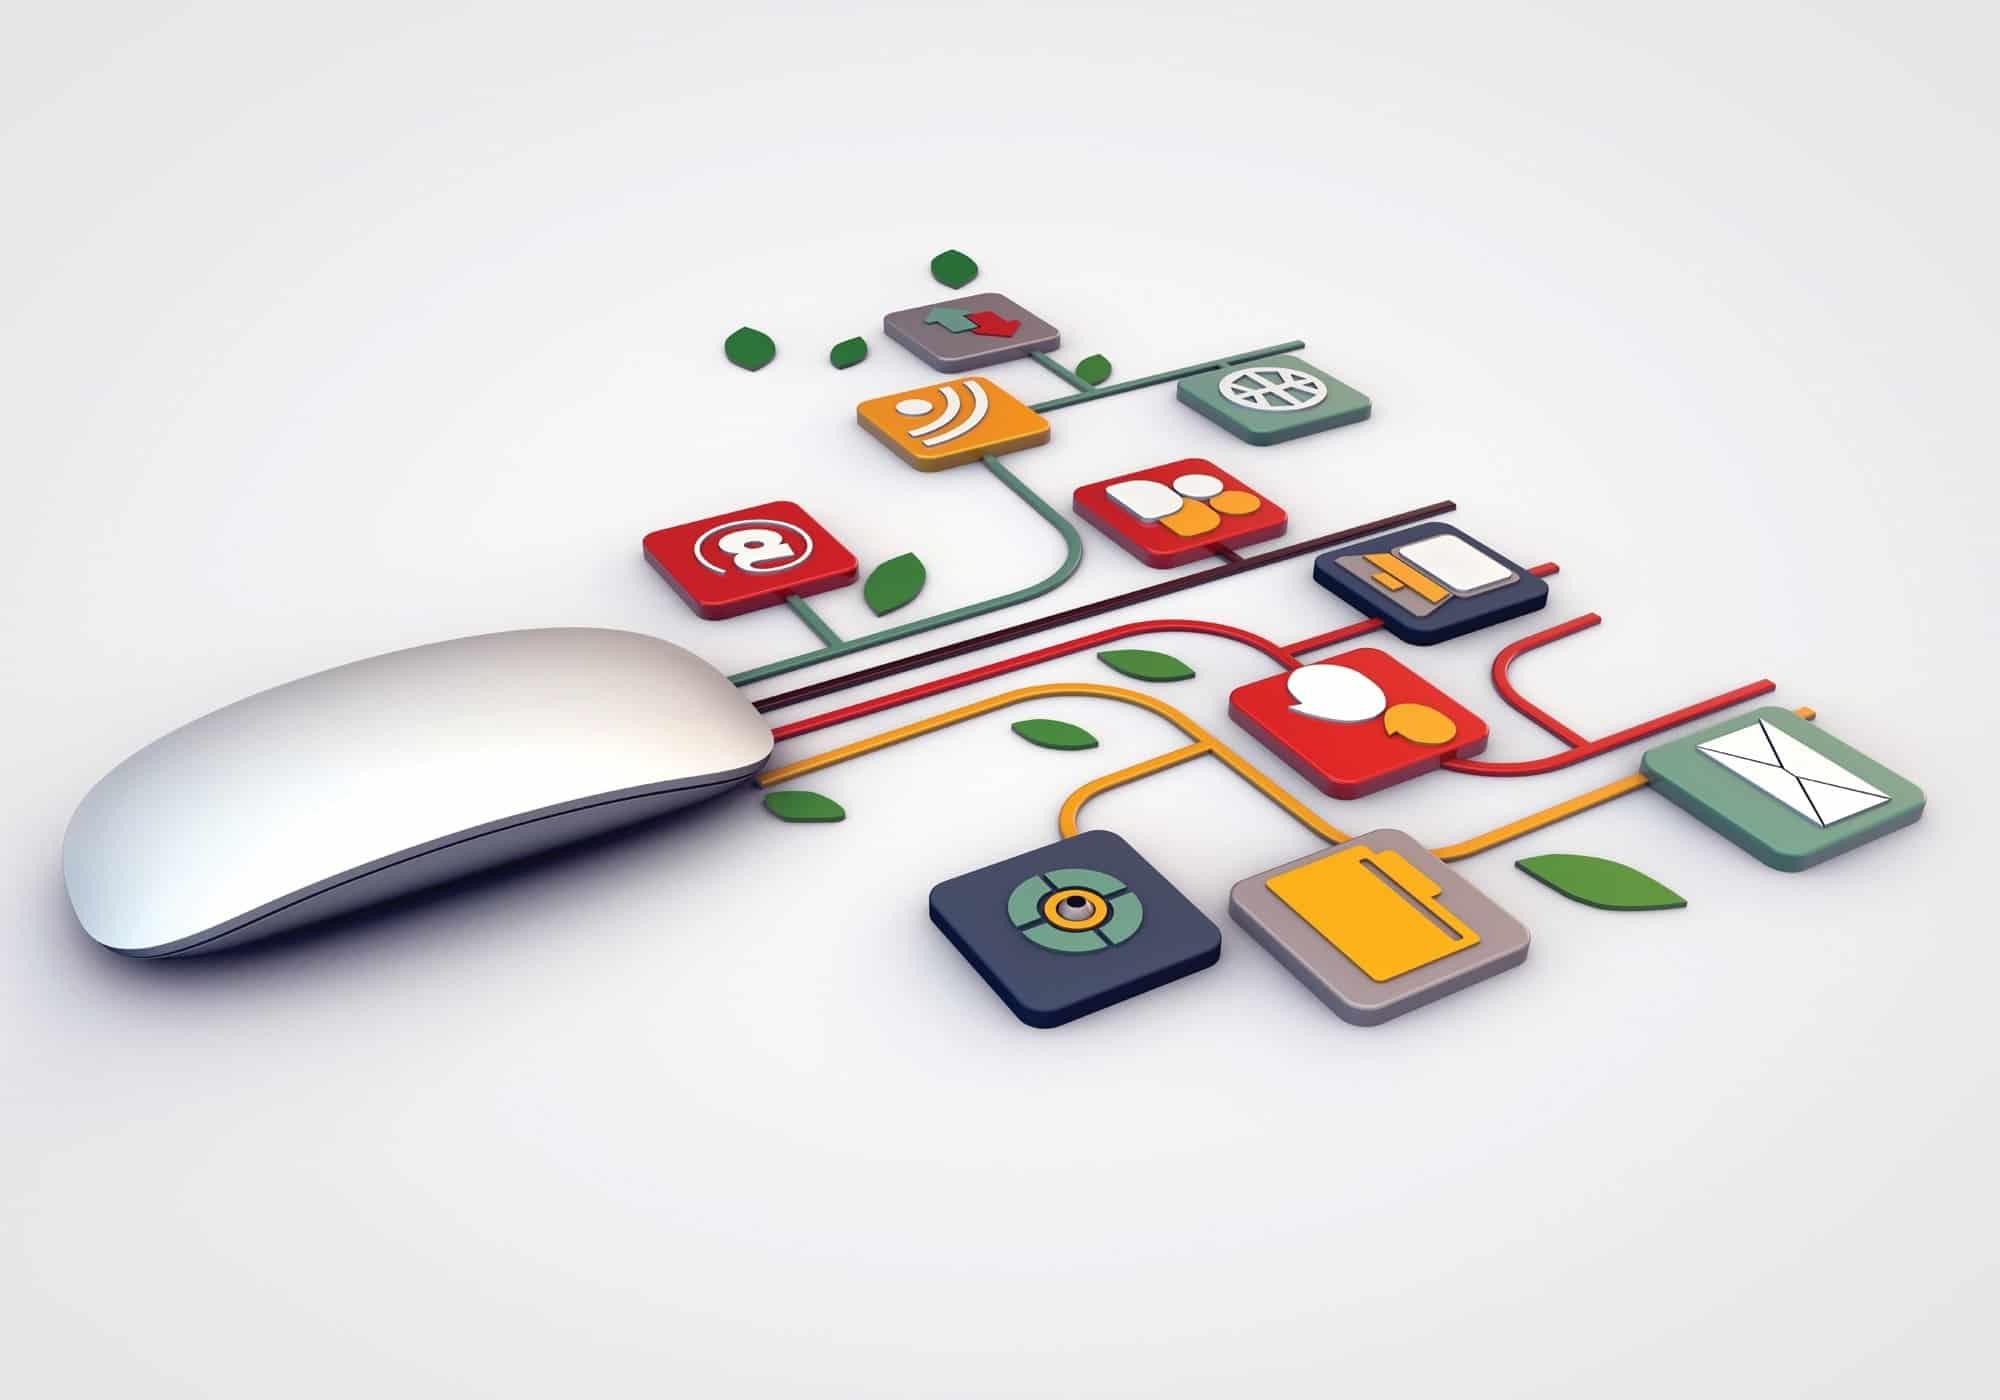 أنواع الأسواق الإلكترونية